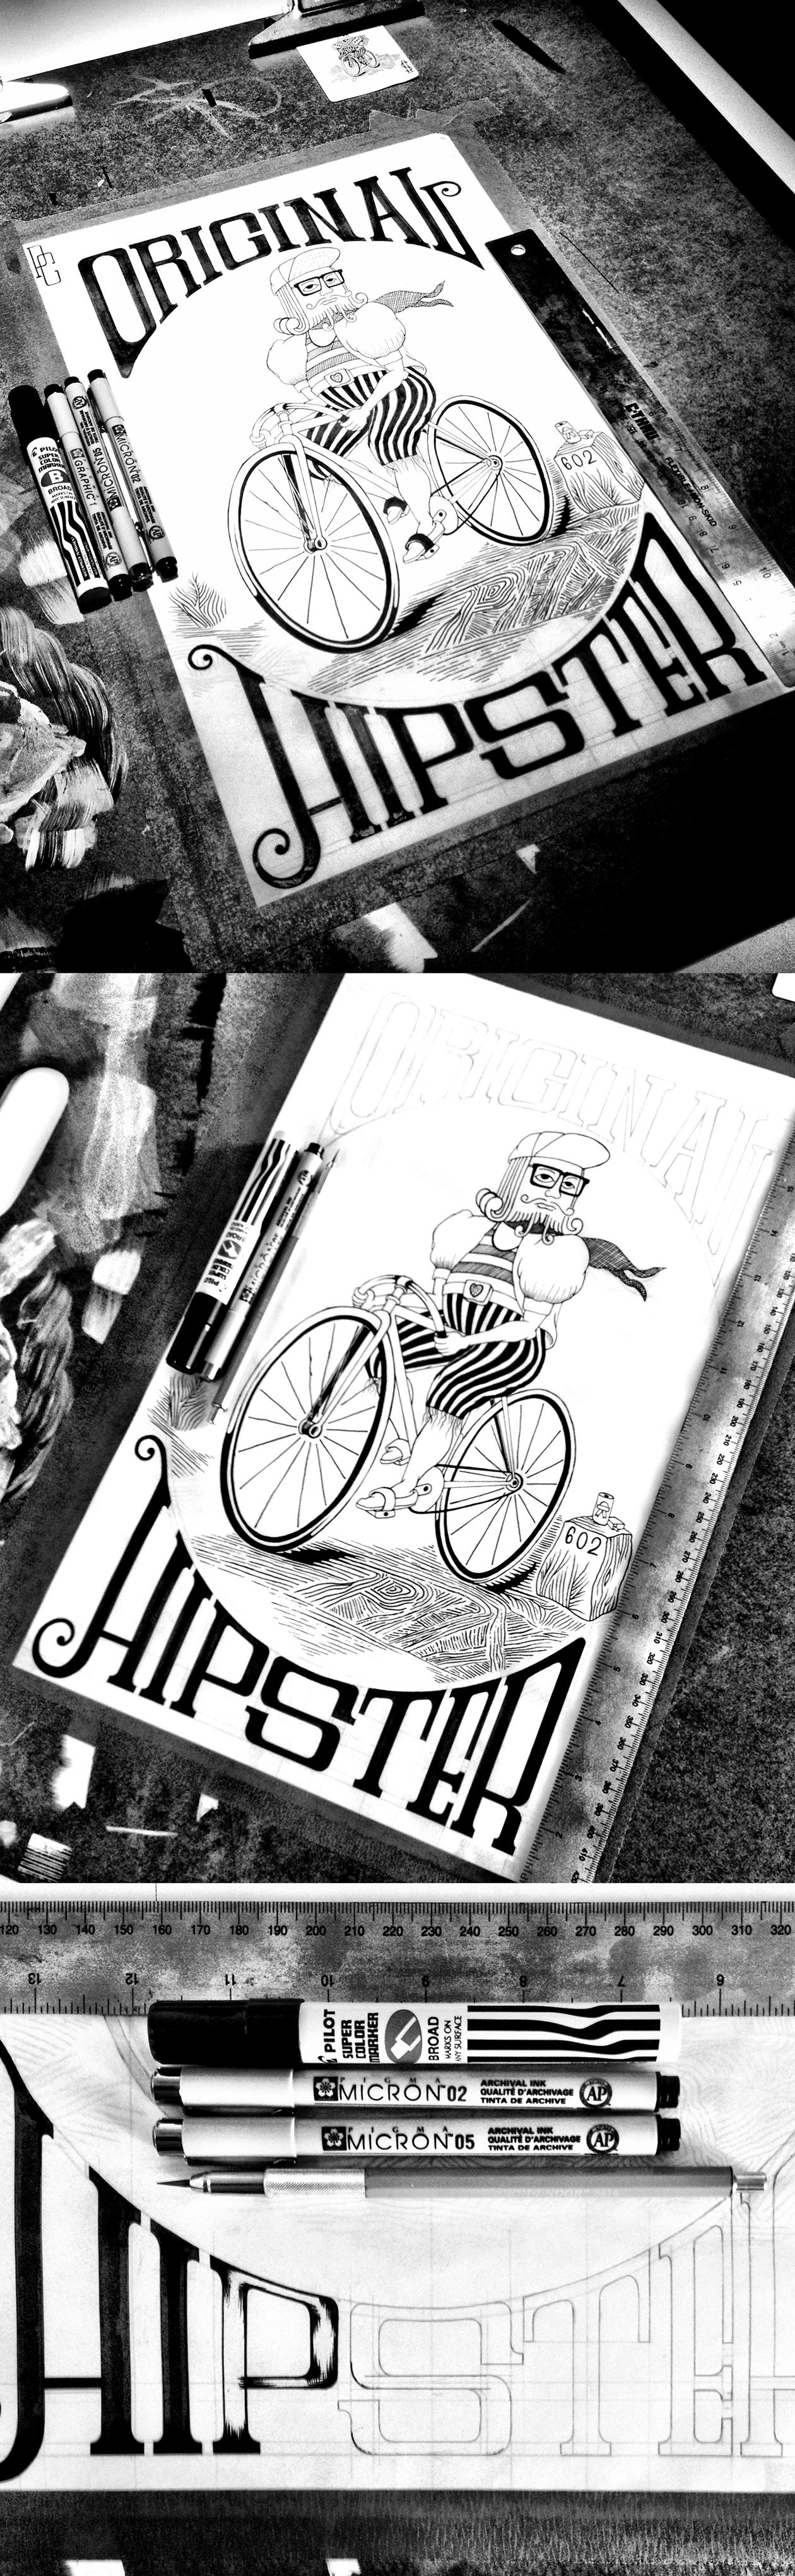 ORIGINALHIPSTER-INKED.png